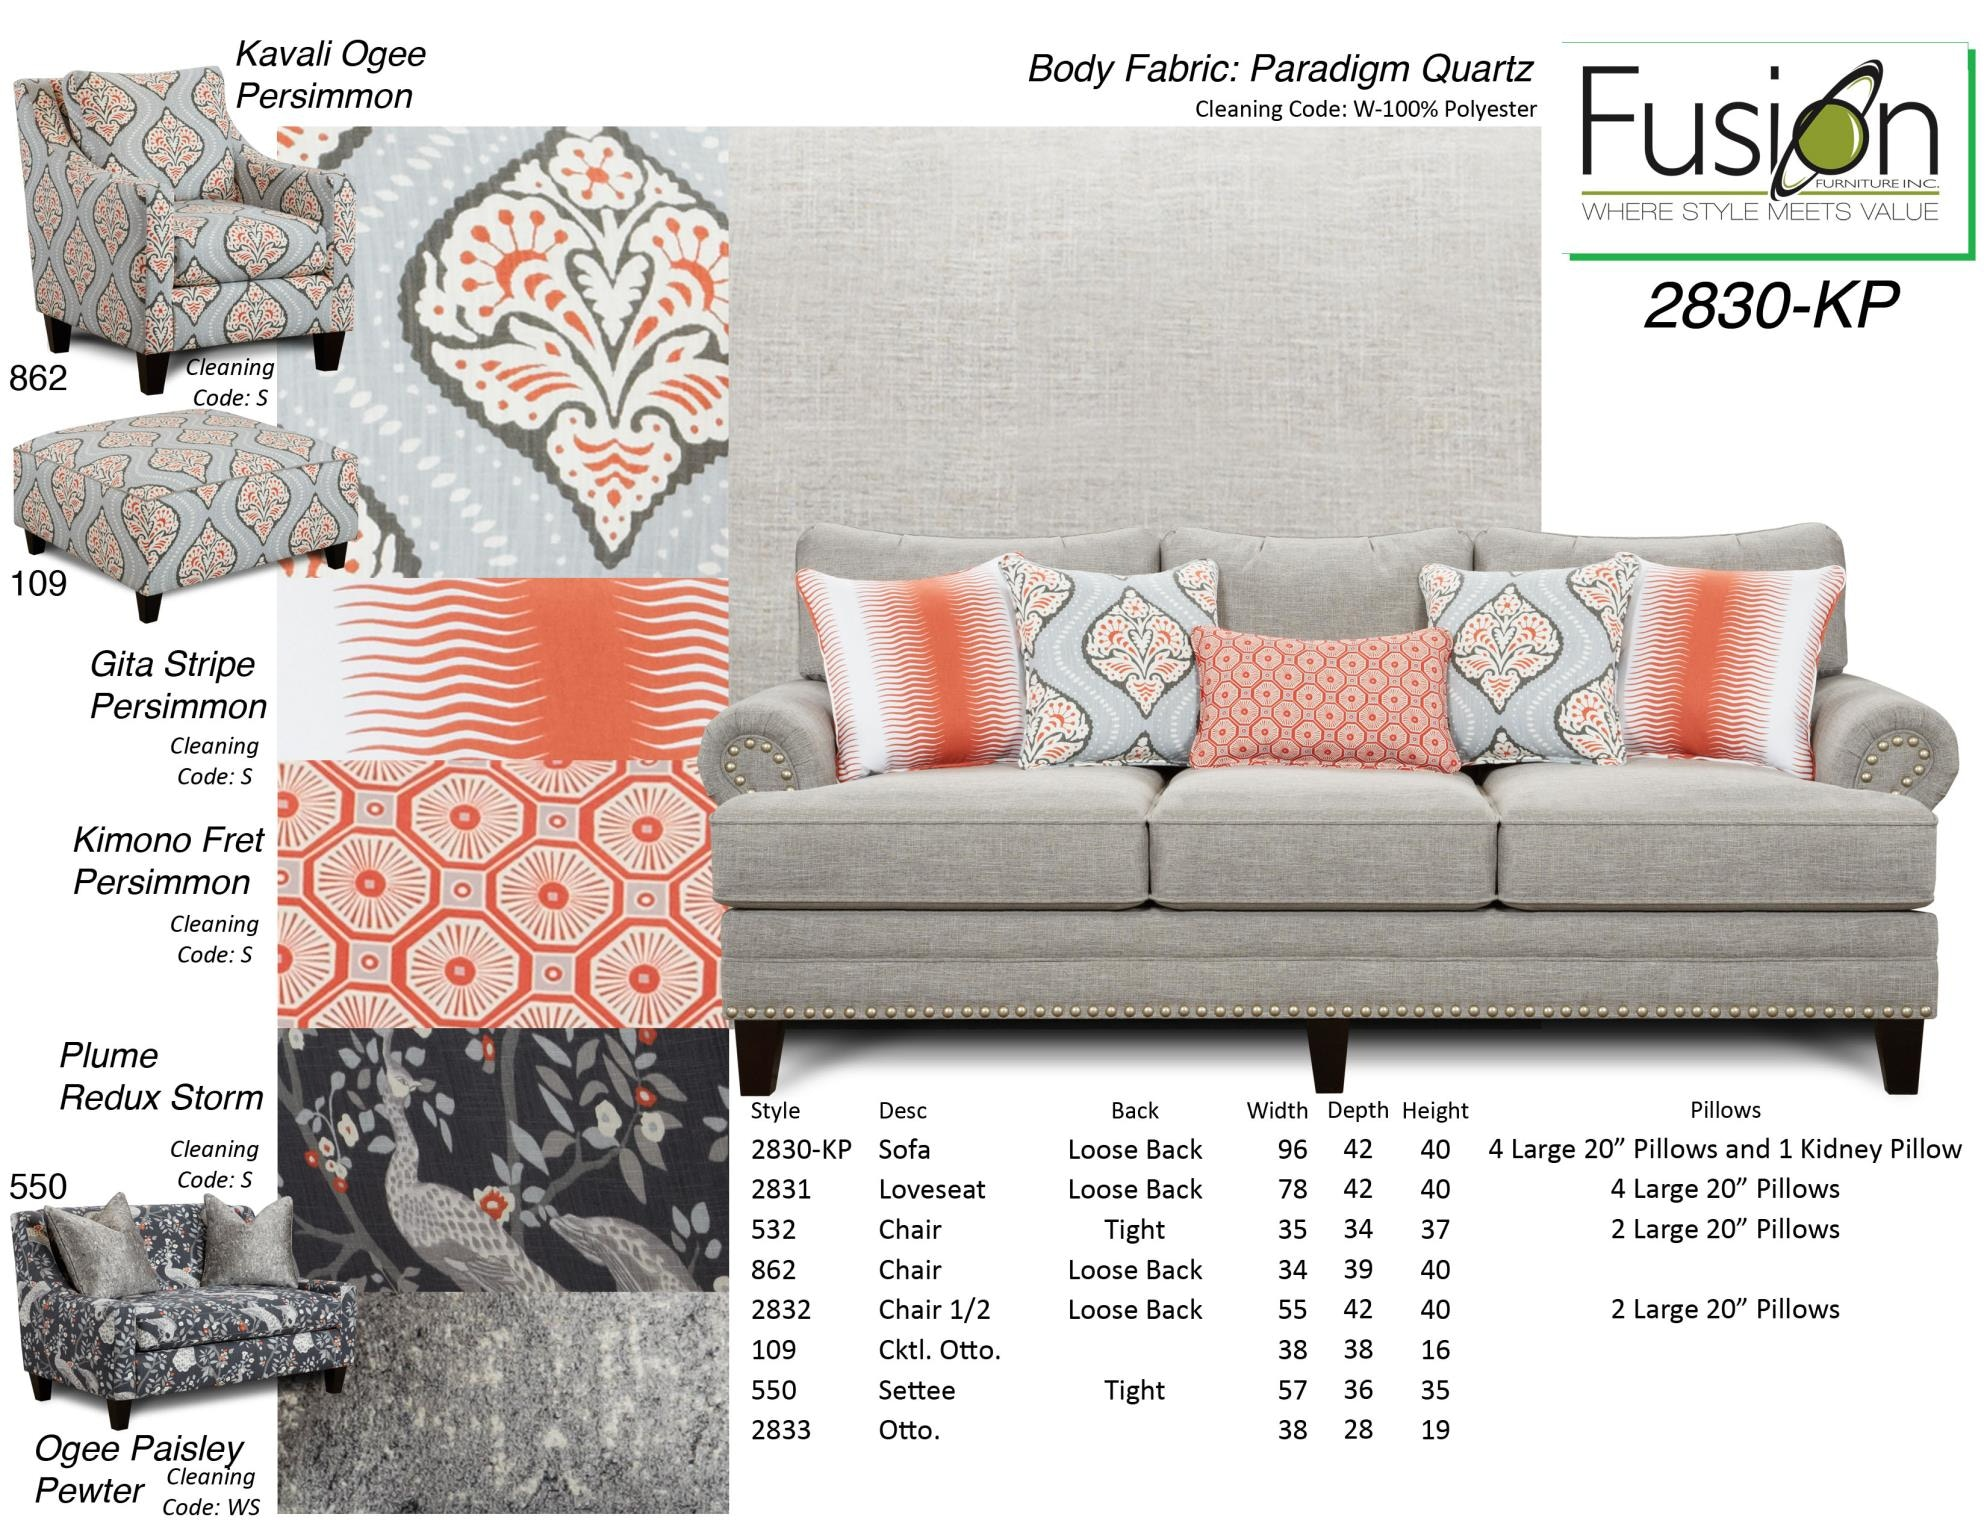 Fusion Sofa 2830 KPPARADIGM QUARTZ